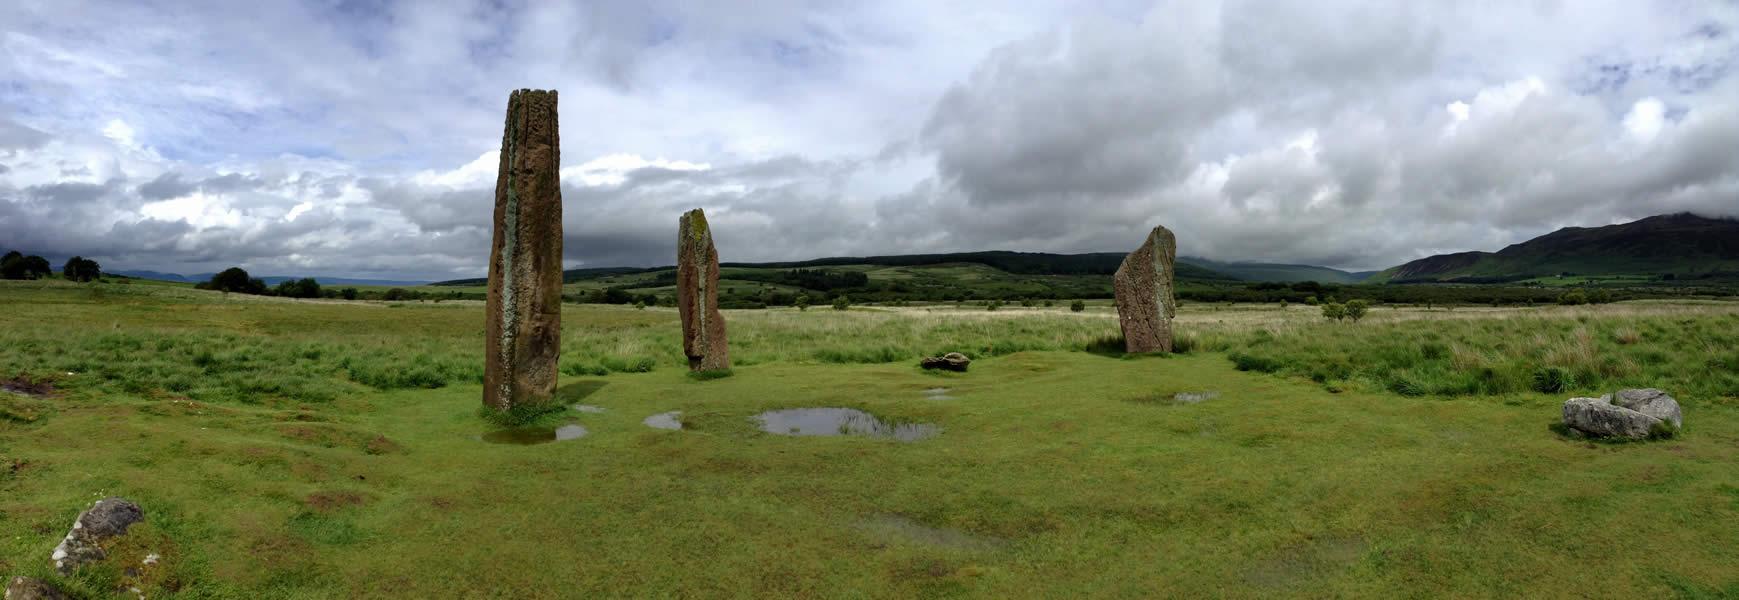 Standing Stones Schottland